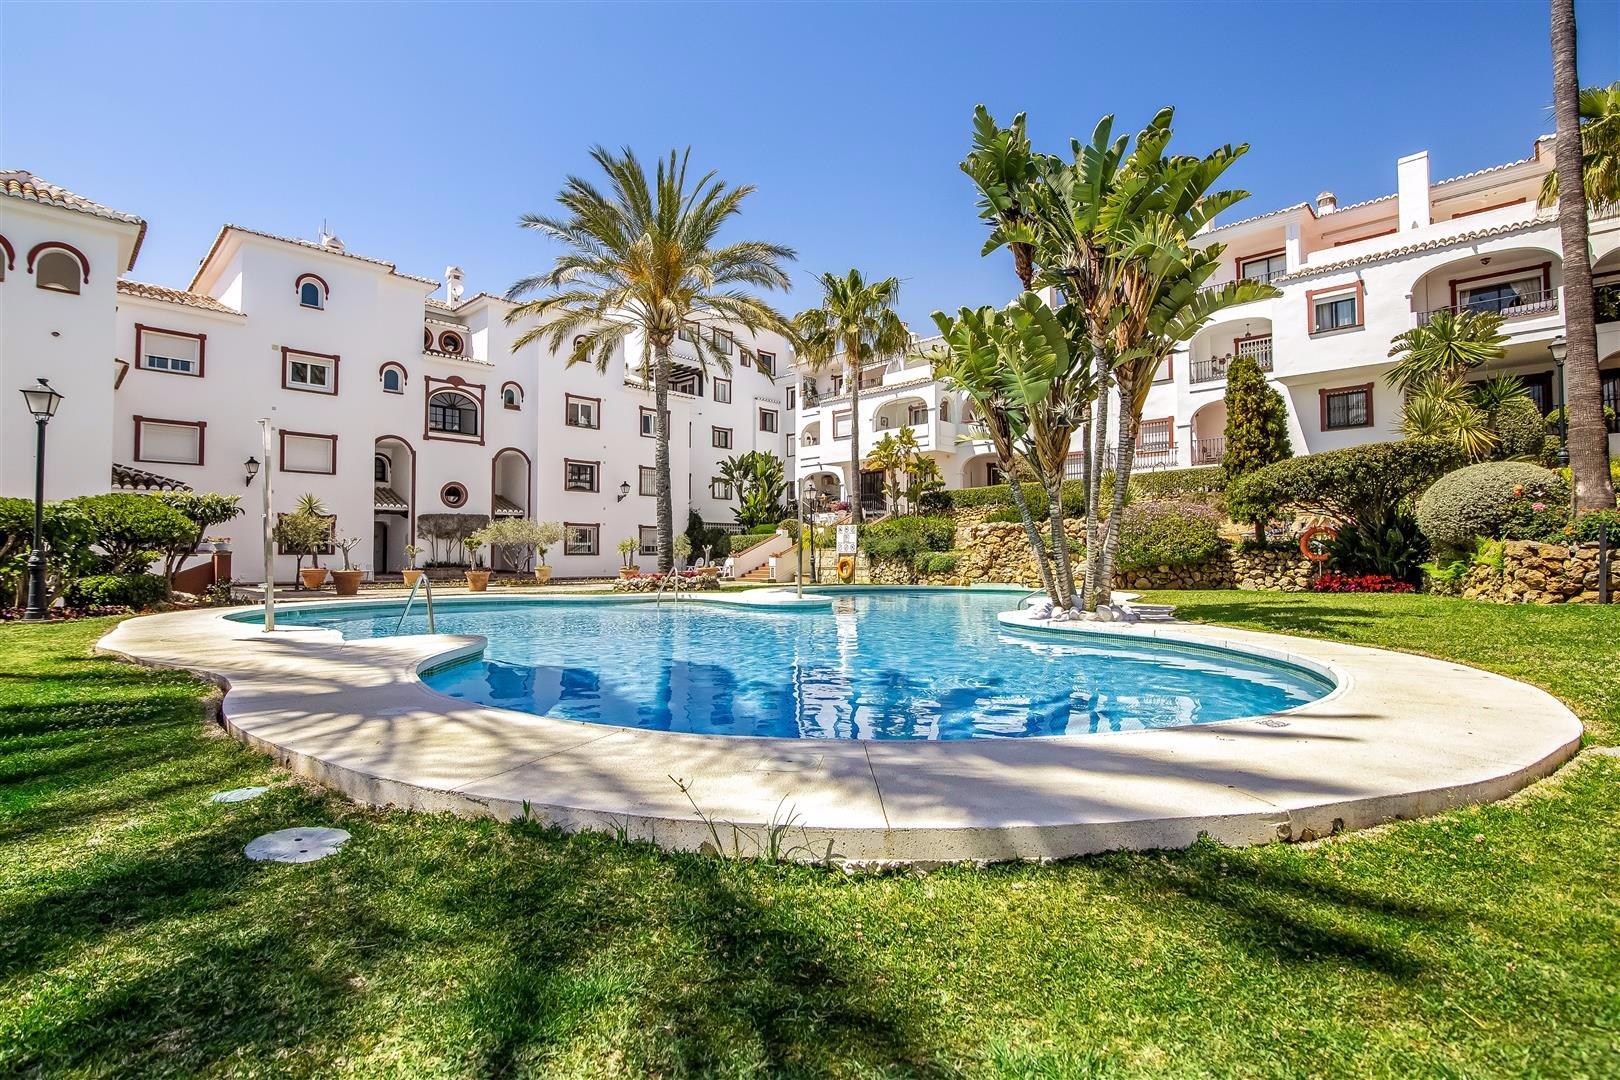 Penthouse for sale in Marbella, La Reserva de Marbella